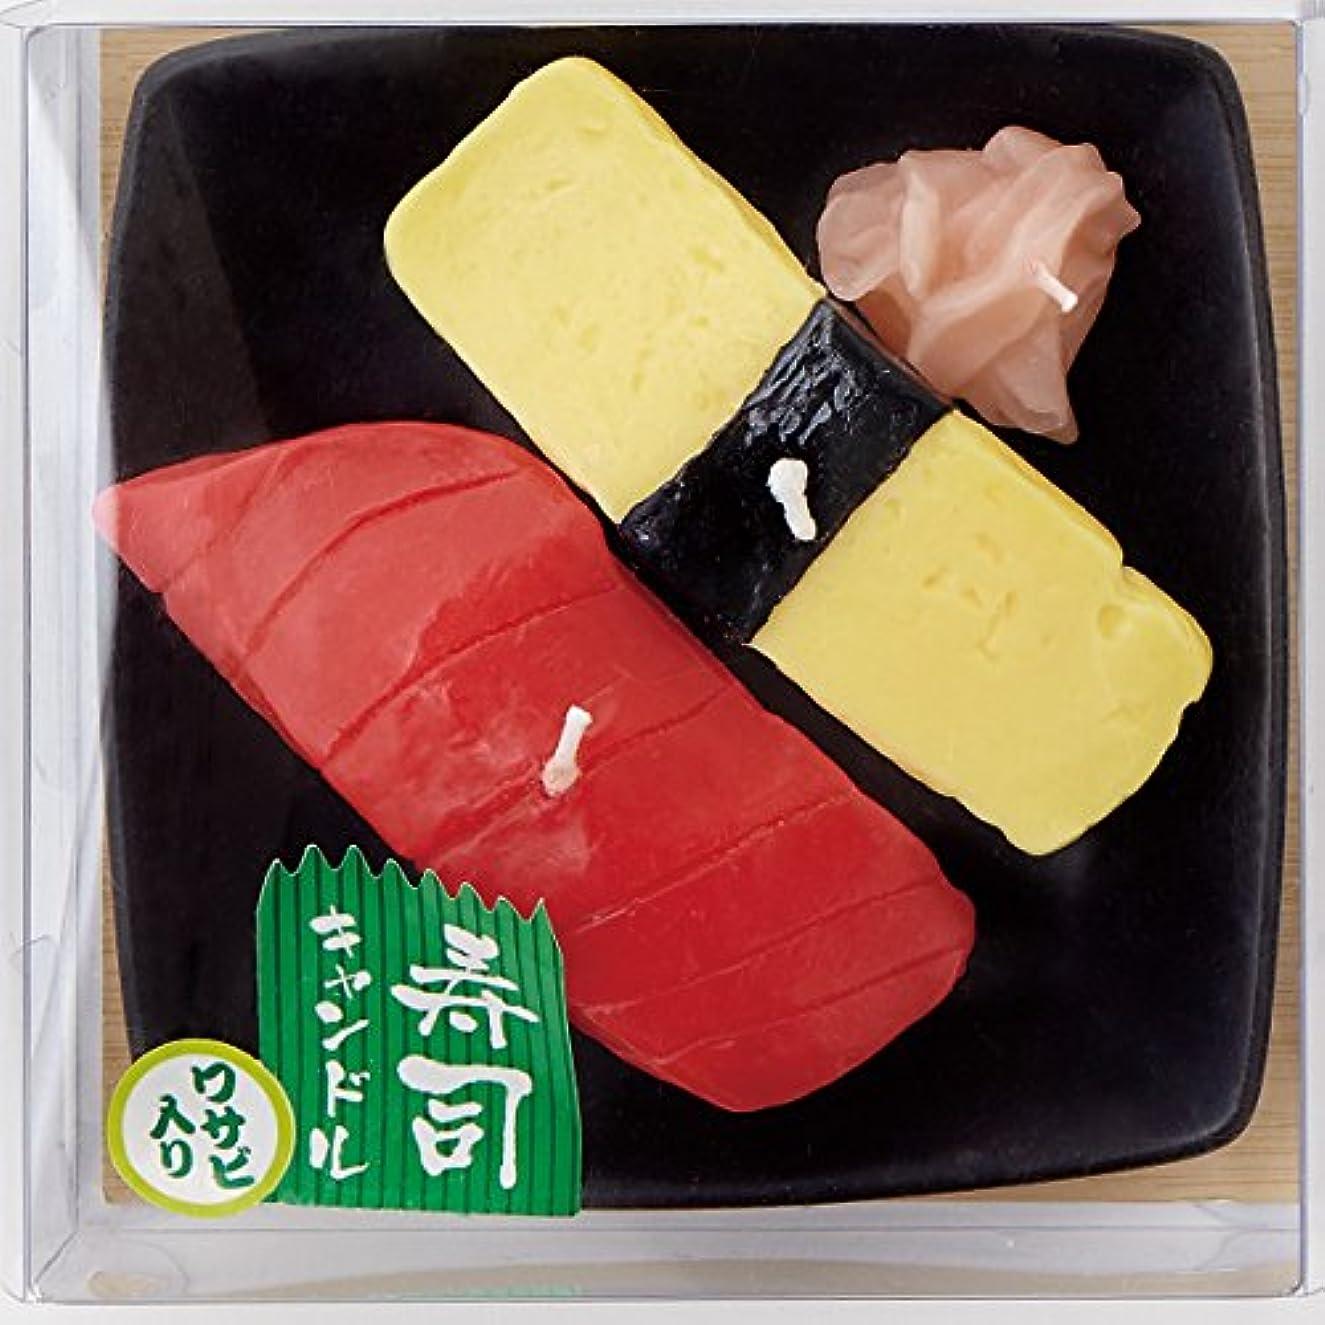 ボイラーコモランマ花束寿司キャンドル A(マグロ?玉子) サビ入